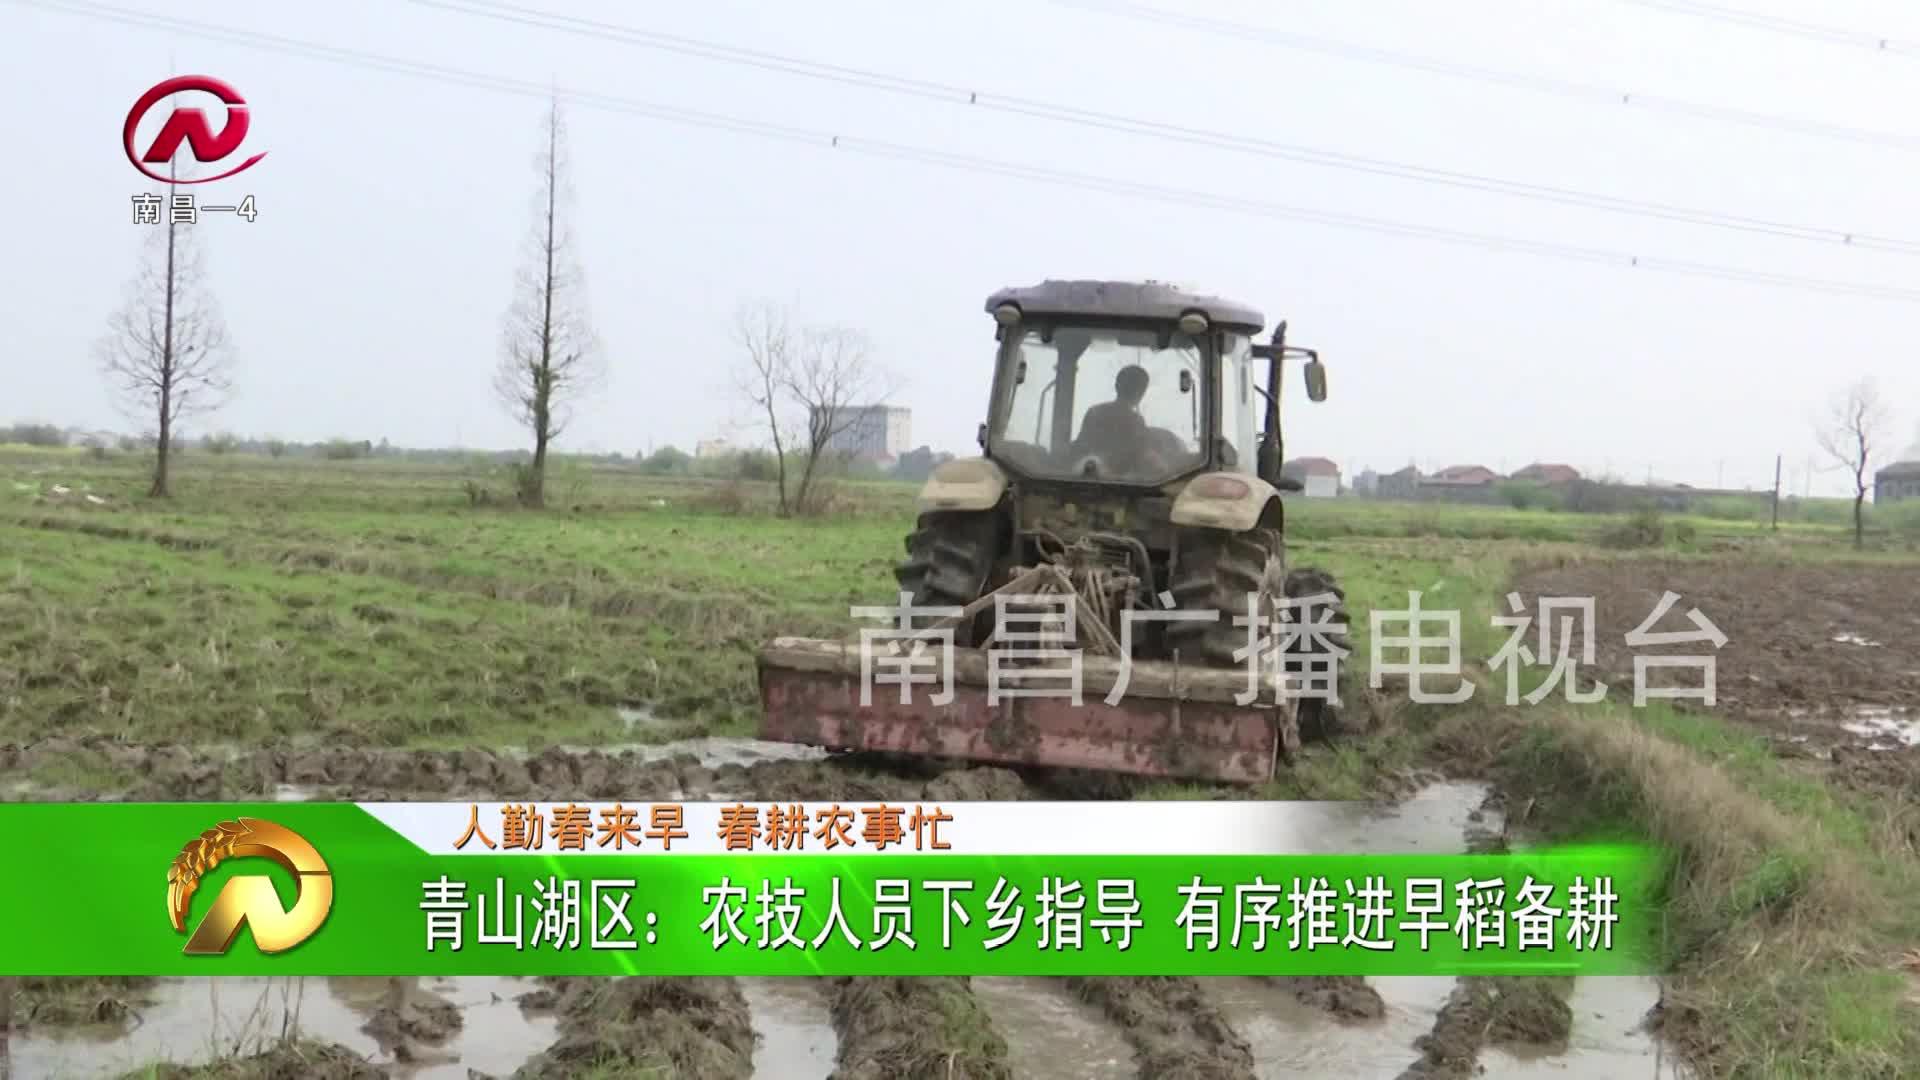 【豫章農視】青山湖區:農技人員下鄉指導 有序推進早稻備耕